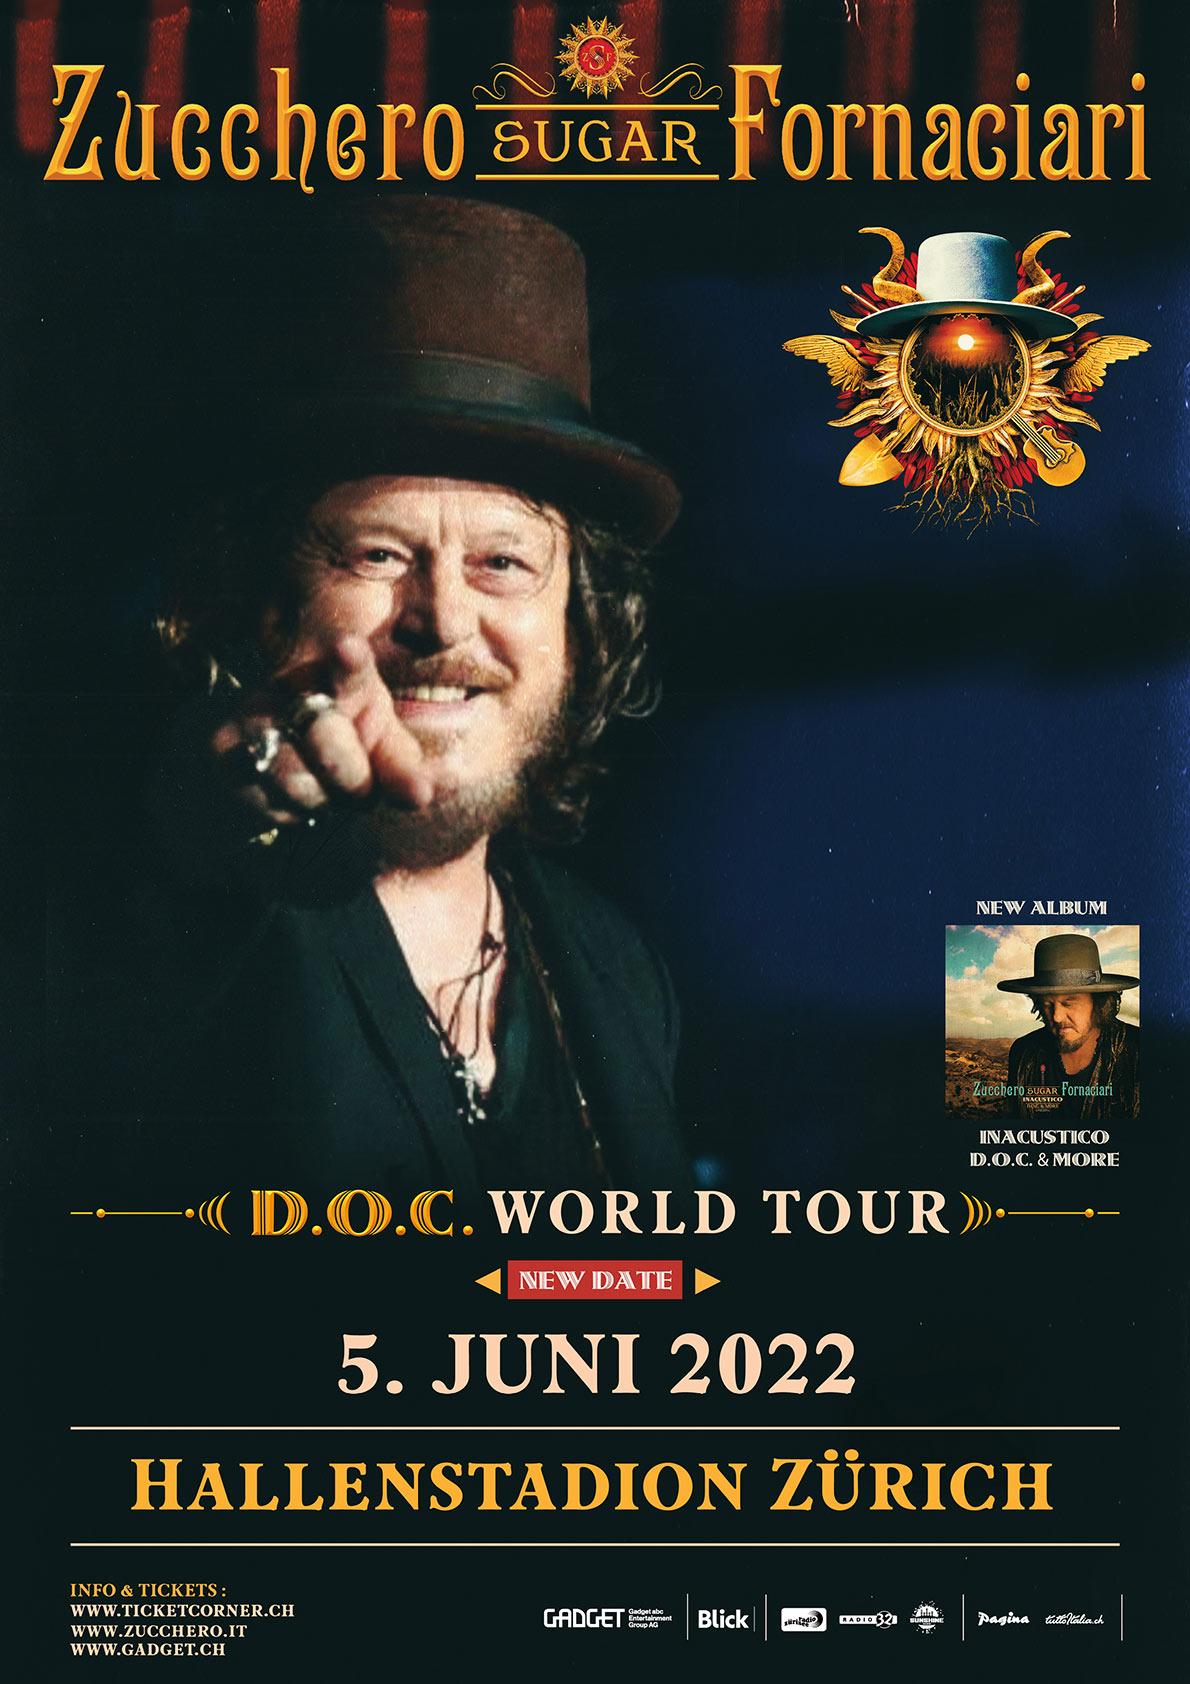 Zucchero in concerto a Zurigo Hallenstadion domenica 5 giugno 2022, ore 20